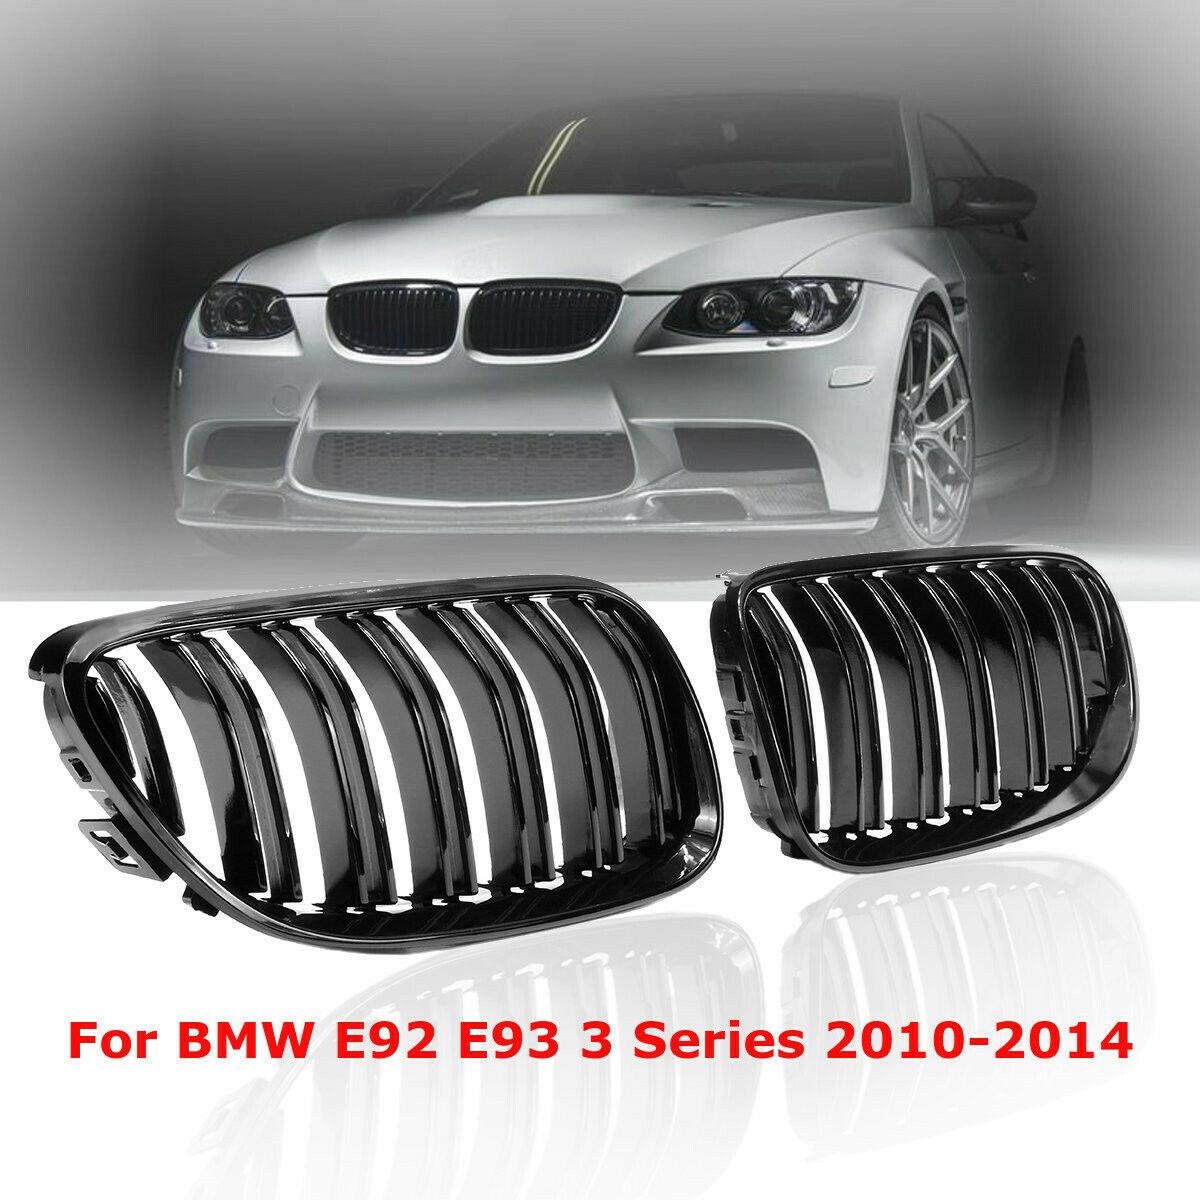 Left mirror glass for BMW 316 318 320 323 325 330 335 05-08 Blue E90 E91 E92 E93